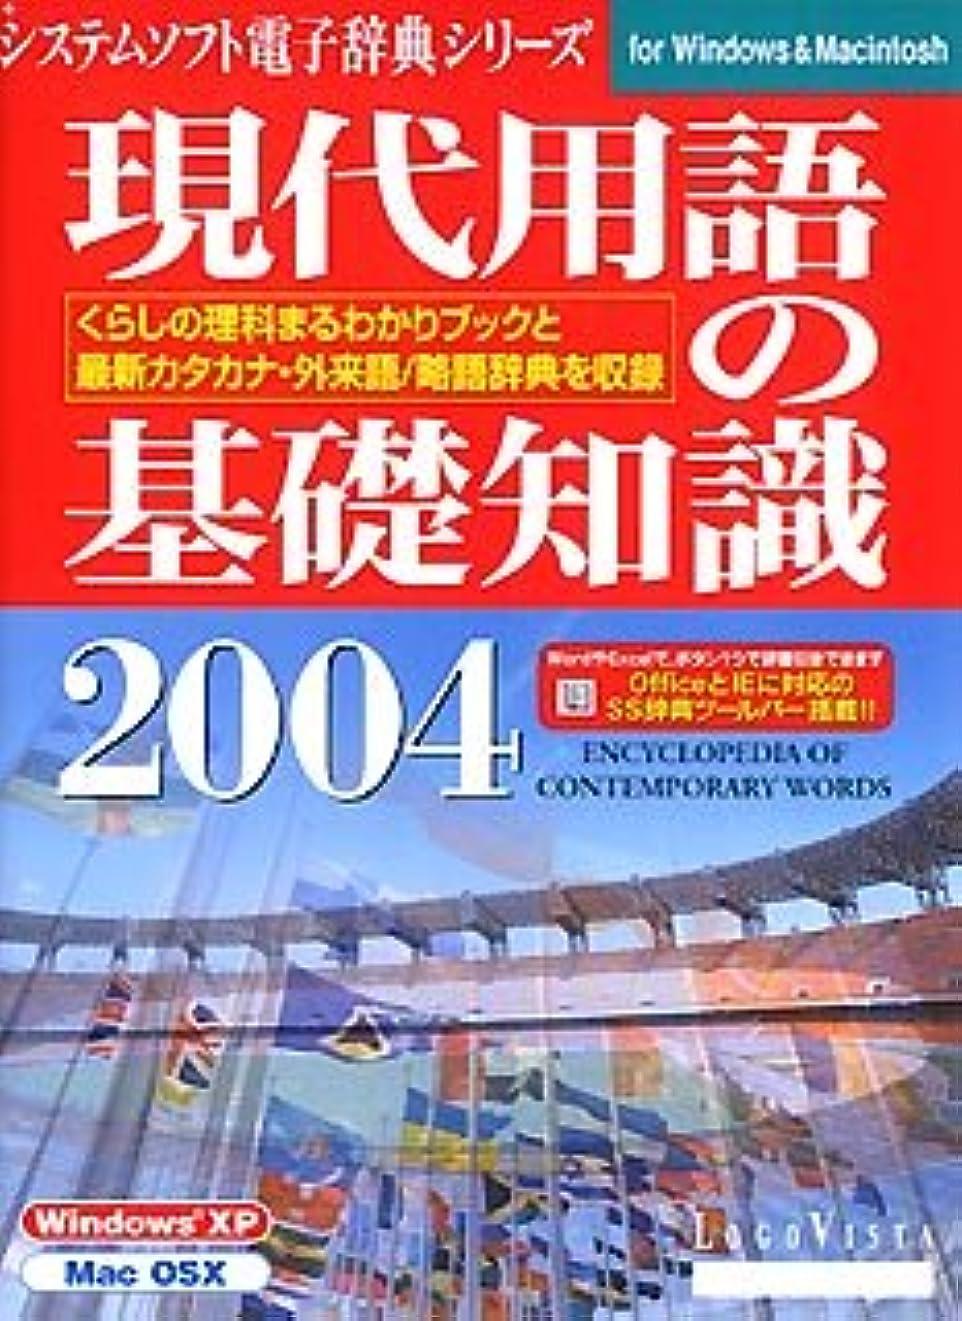 ターミナルビデオすごい現代用語の基礎知識 2004